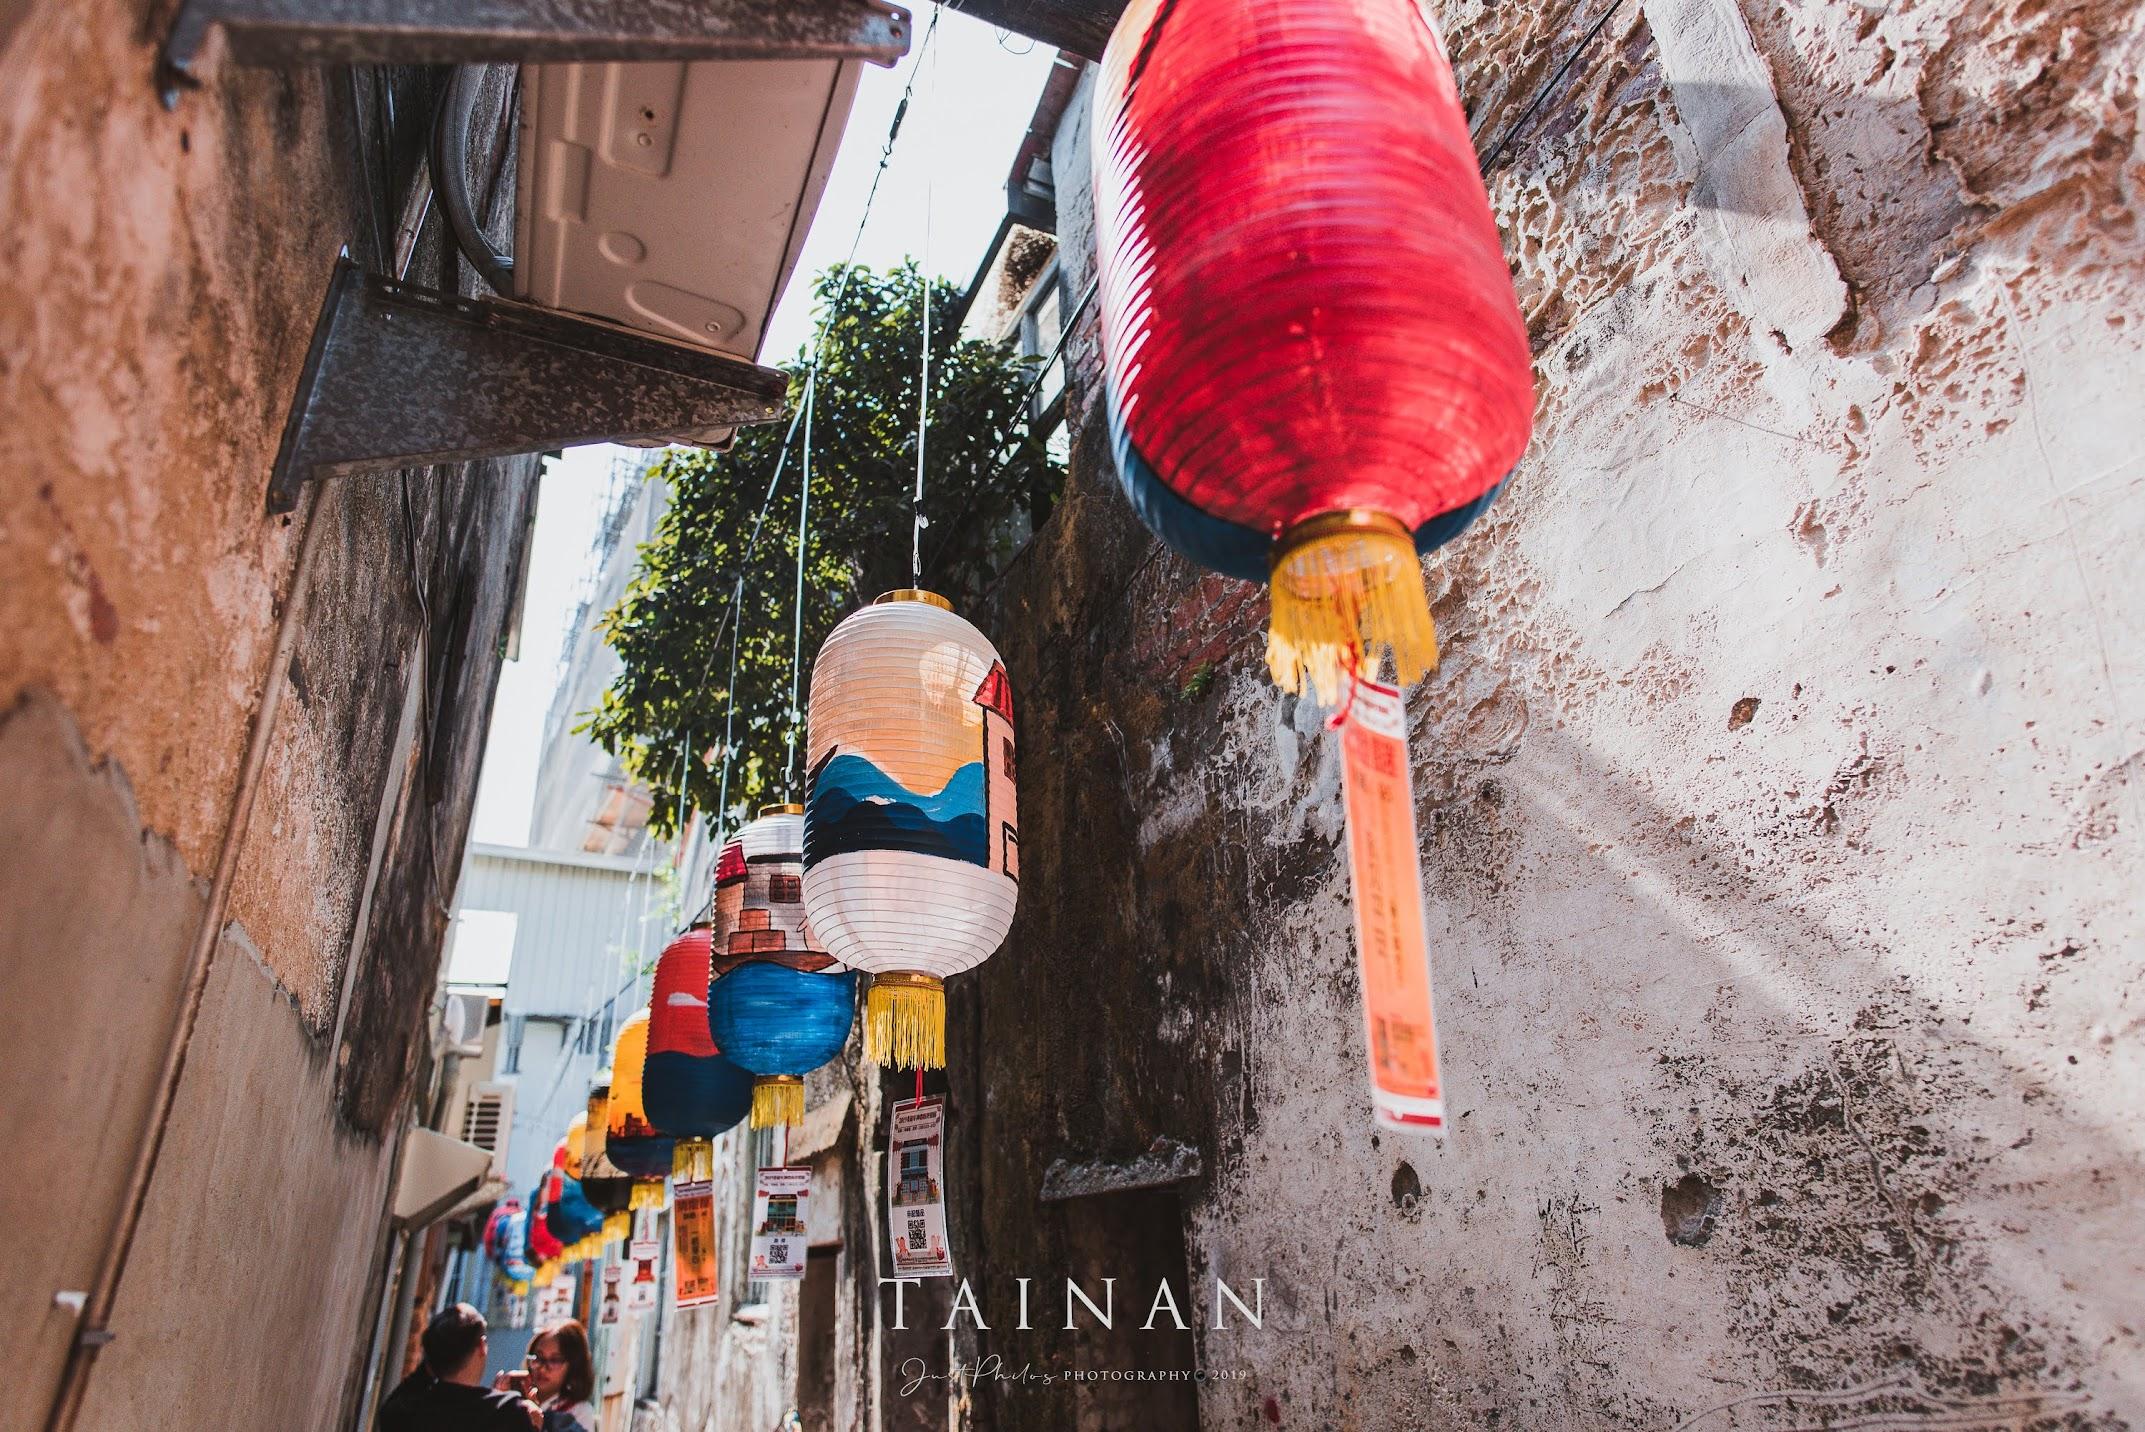 春節期間的神農街可以看到各種元宵燈籠的擺設。